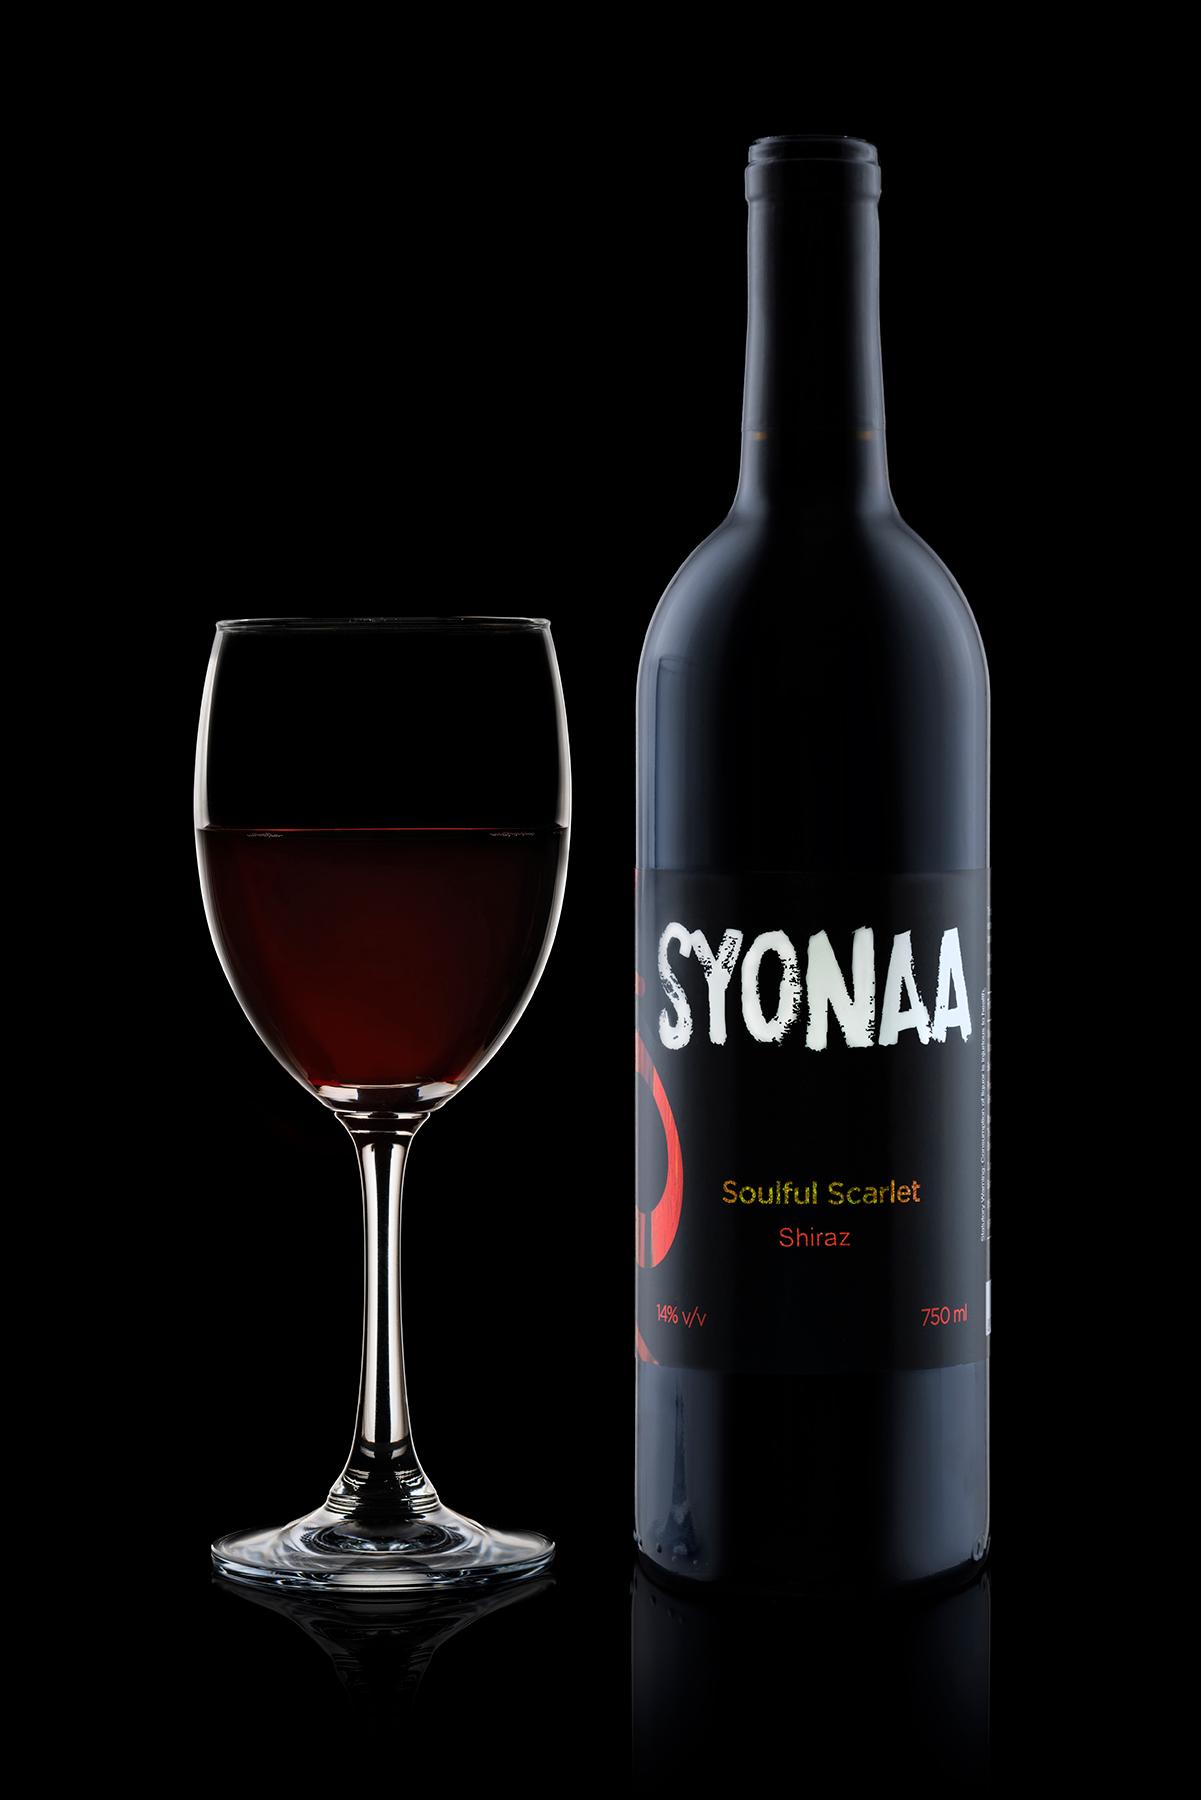 Shiraz with wine glass